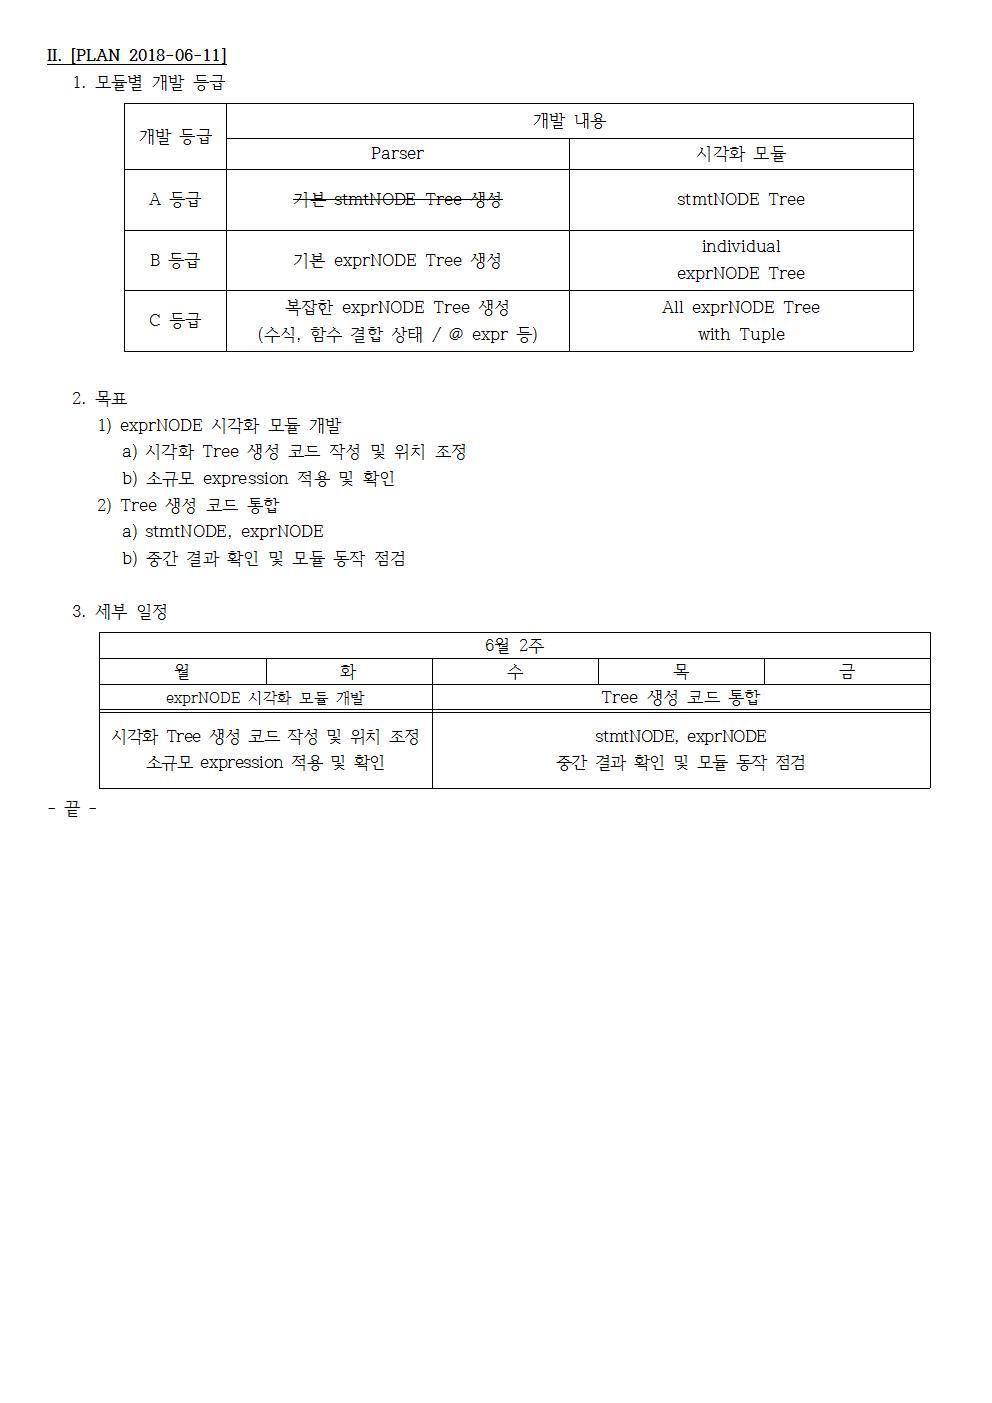 D-[18-003-RD-03]-[SRRE]-[2018-06-18][JS]002.jpg